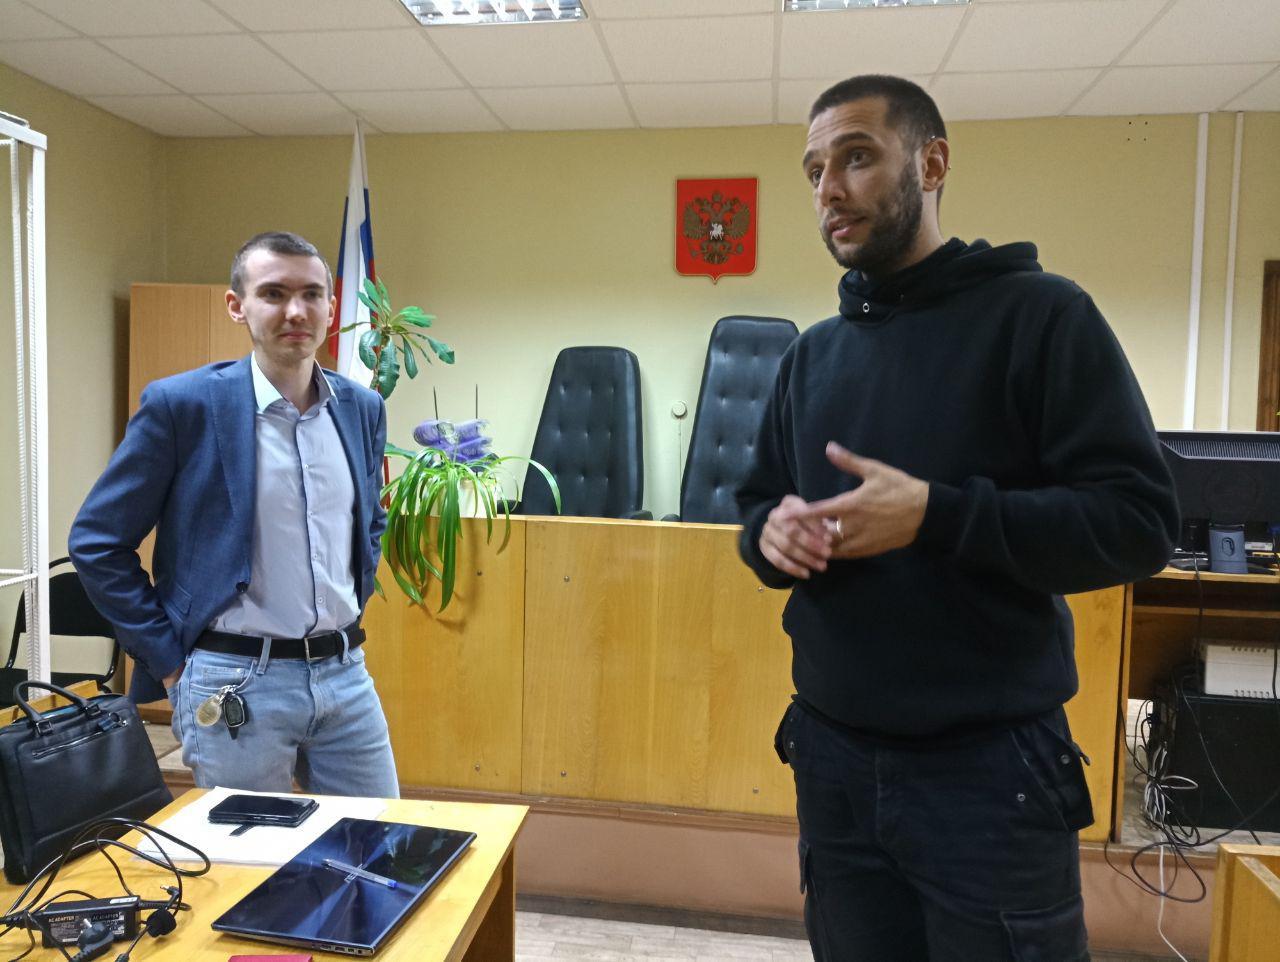 Павел Никулин с адвокатом перед оглашением решения